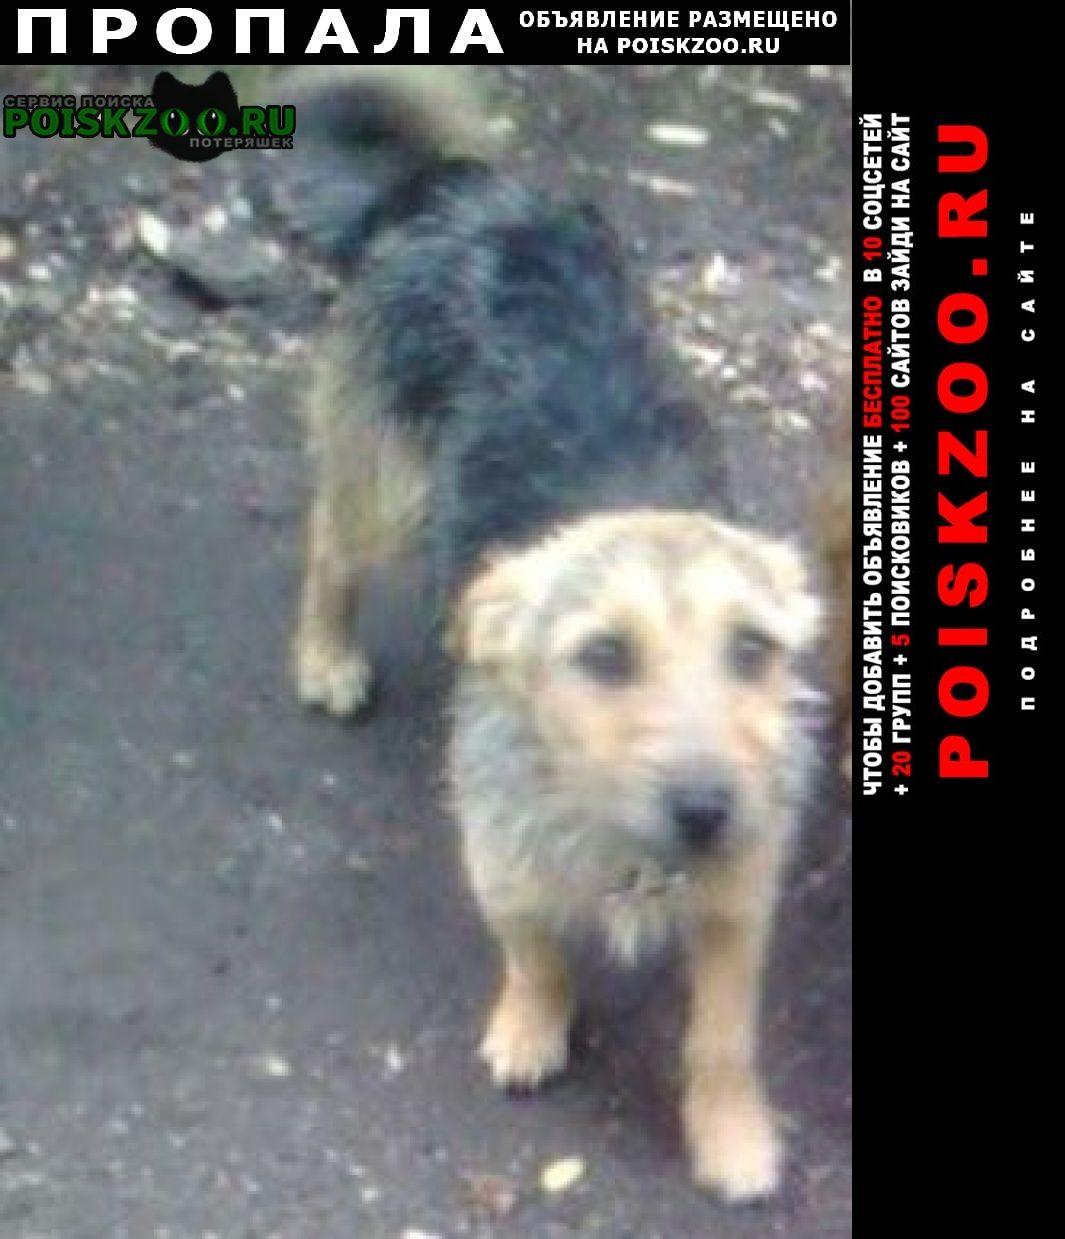 Пропала собака помогите найти собаку Севастополь